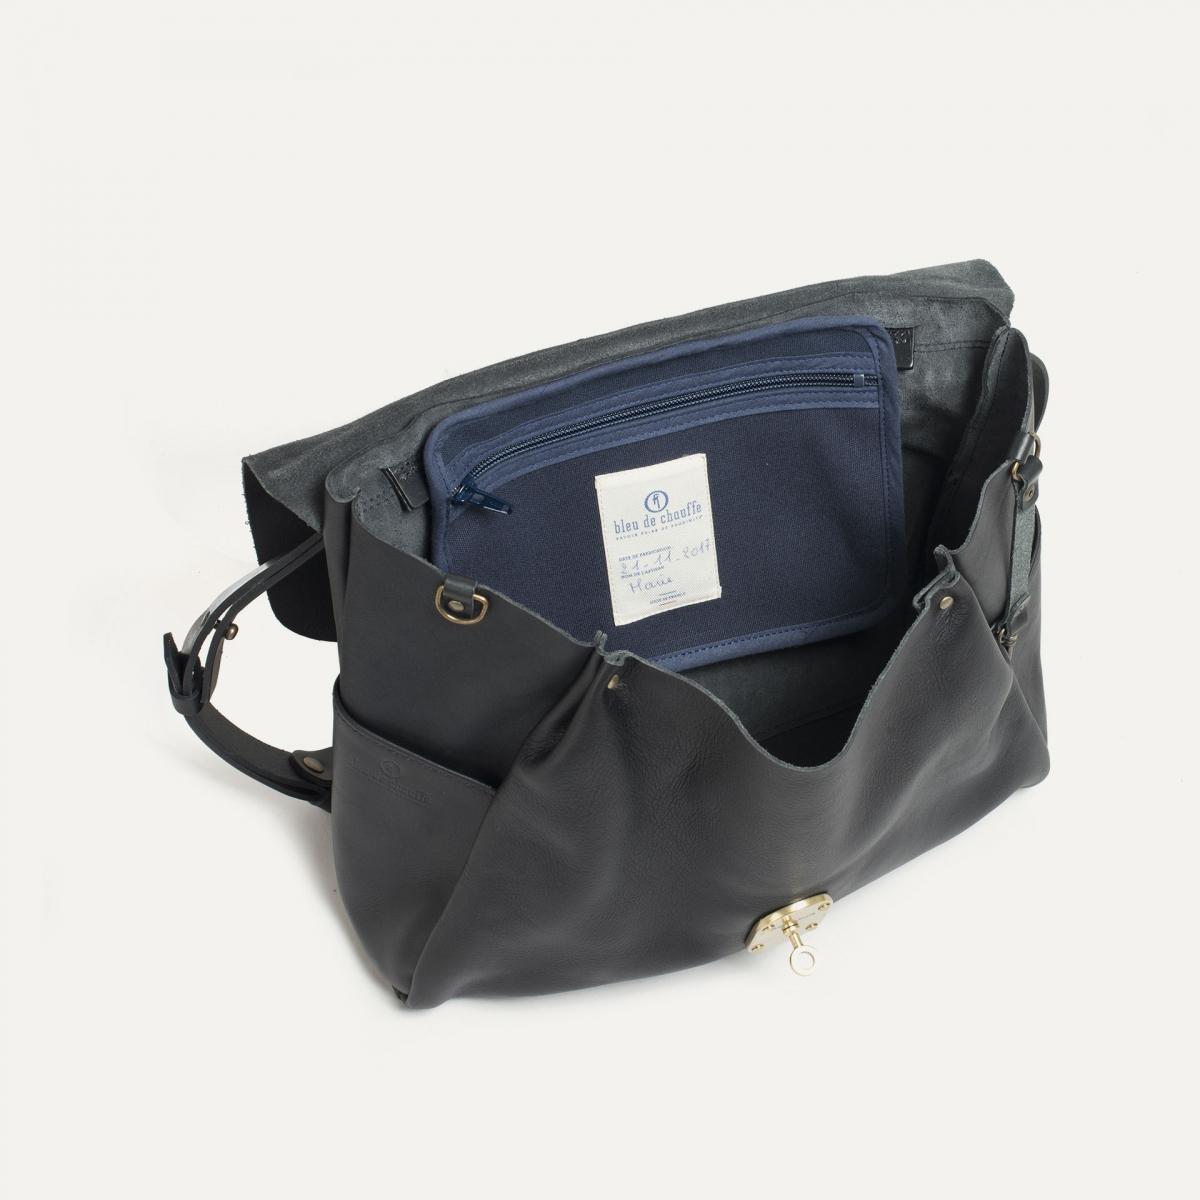 Coline bag M - Black (image n°4)